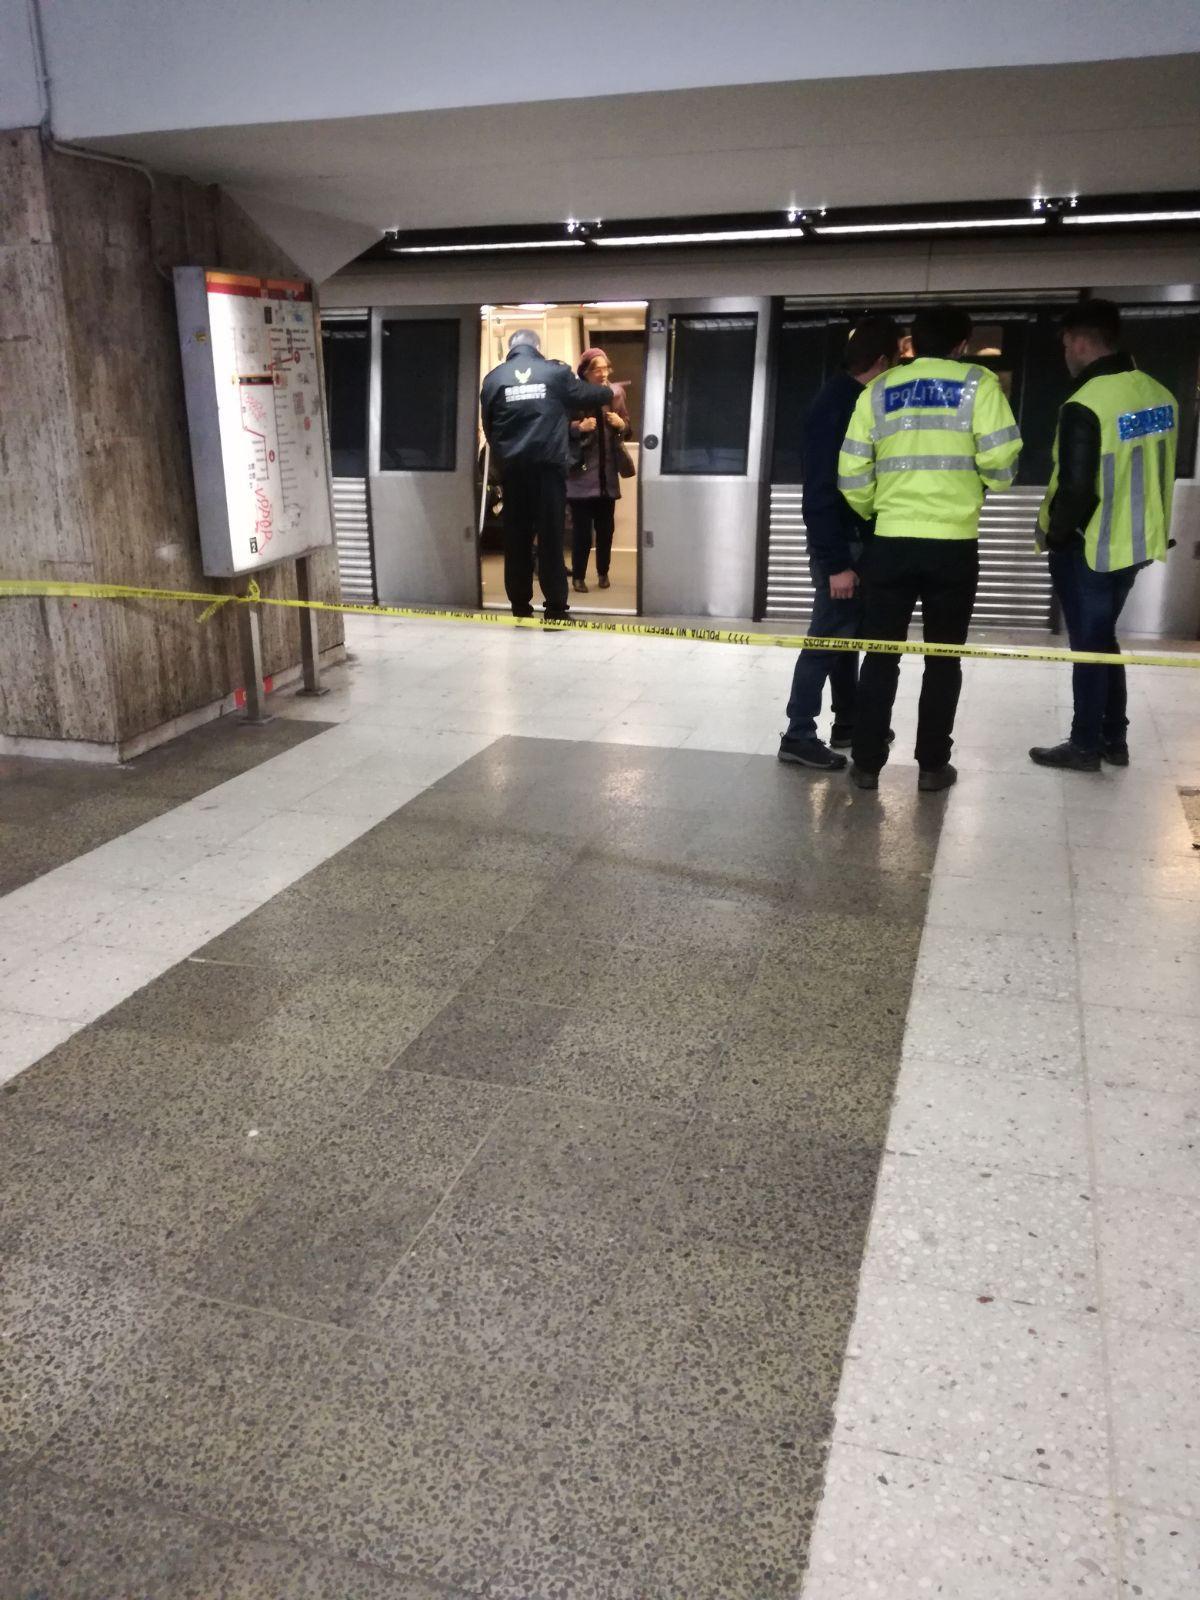 O tânără a murit după ce a fost împinsă în faţa metroului de o femeie/ Imaginile cu agresoarea, surprinse de camerele de supraveghere/ Aceasta ar fi încercat înainte să împingă în faţa metroului o altă persoană/ Poliţiştii patrulează la metrou